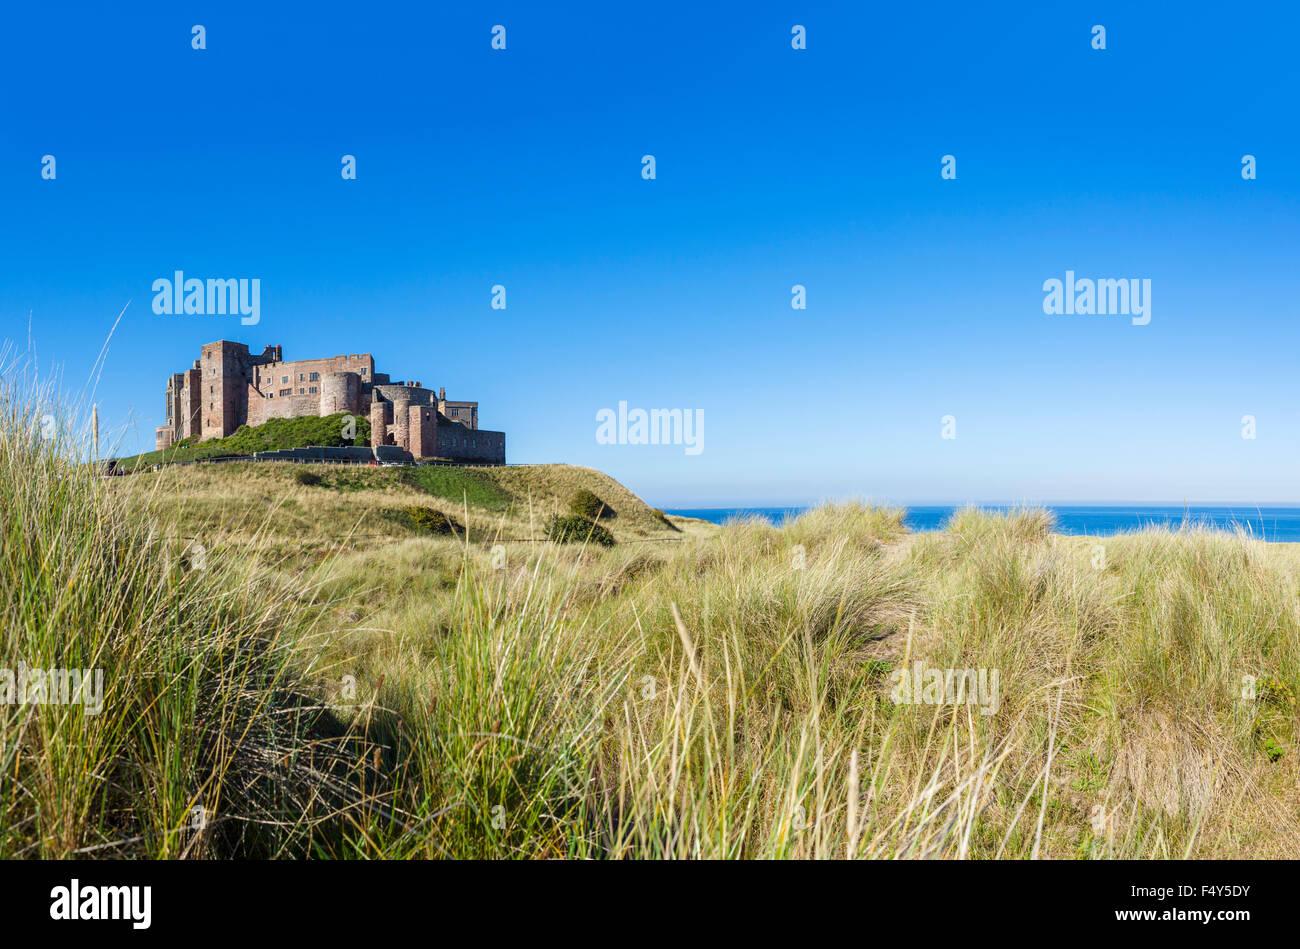 Bamburgh Castle, Northumberland, England, UK - Stock Image